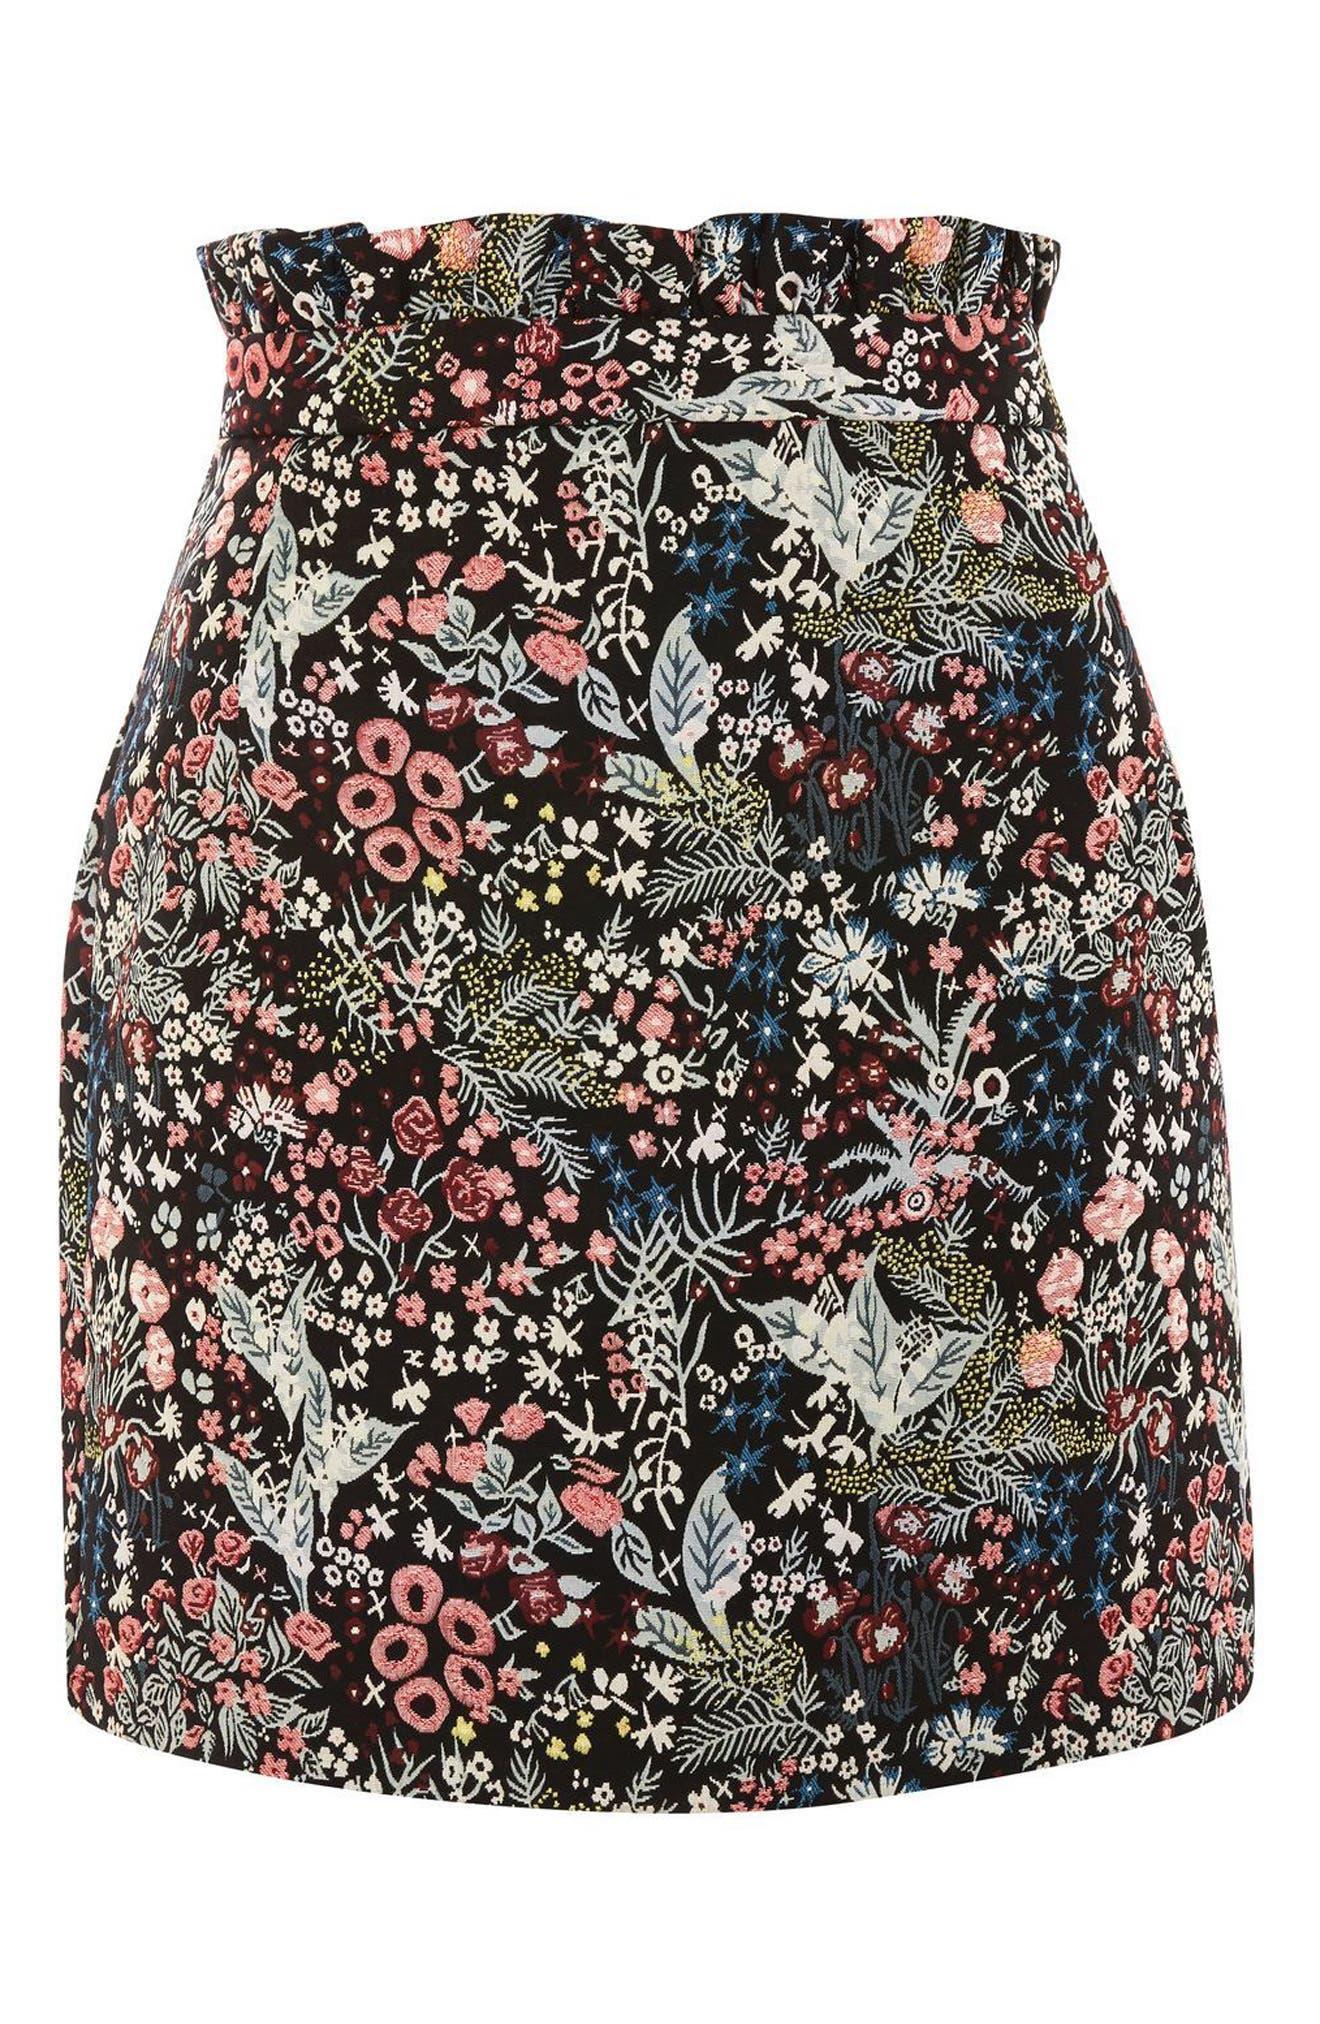 Woodland Jacquard Skirt,                             Alternate thumbnail 4, color,                             Black Multi